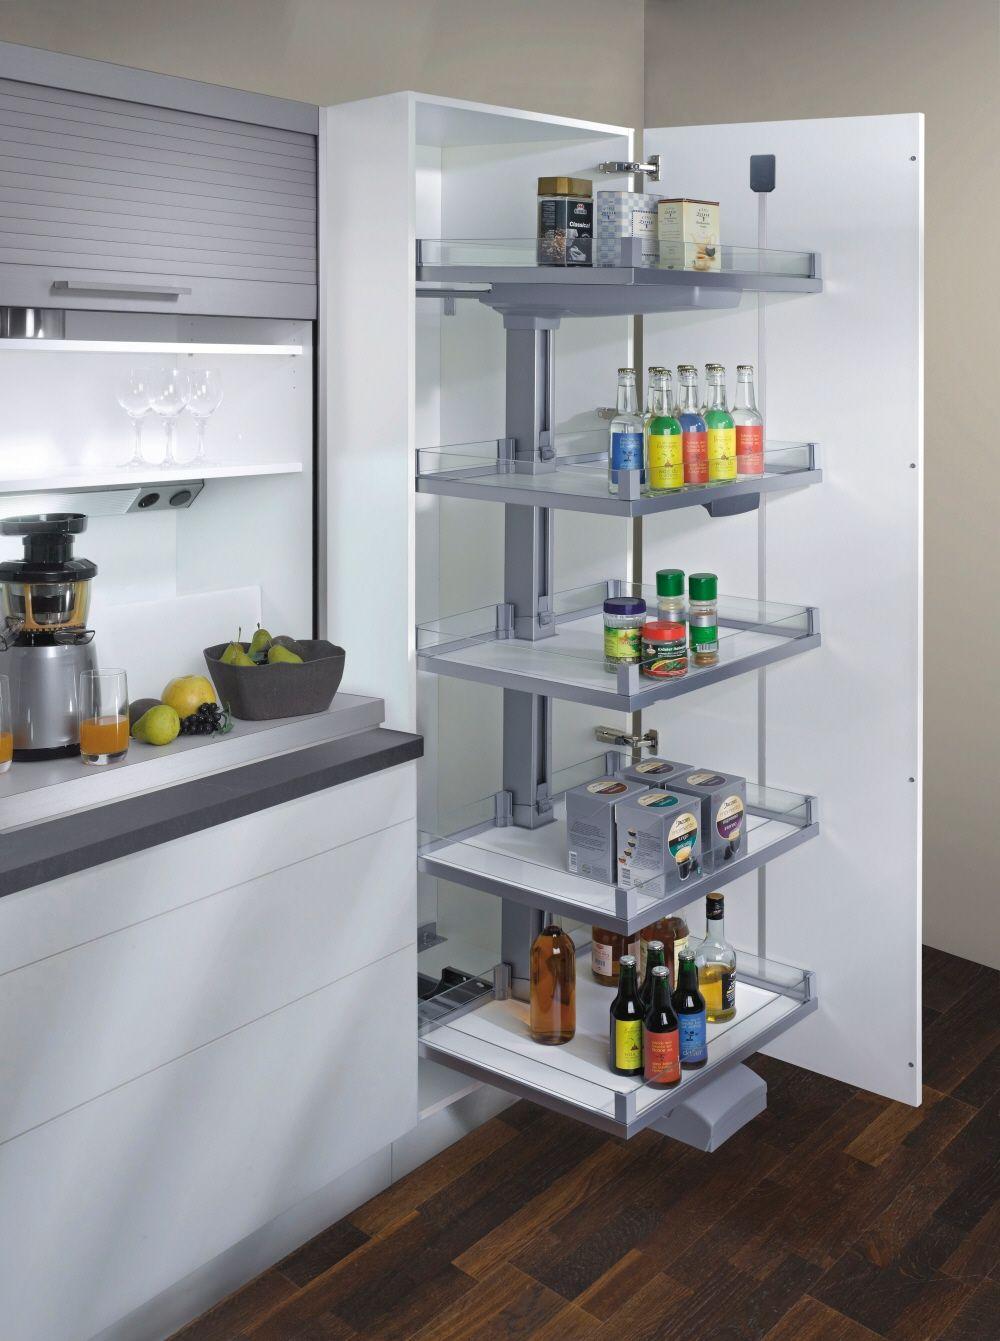 Full Size of Apothekerschrank Küche Ikea Bodenfliesen Aufbewahrungssystem Teppich Für Fliesen Hängeschränke Miniküche Mit Kühlschrank Tapeten Kräutergarten Was Wohnzimmer Apothekerschrank Küche Ikea